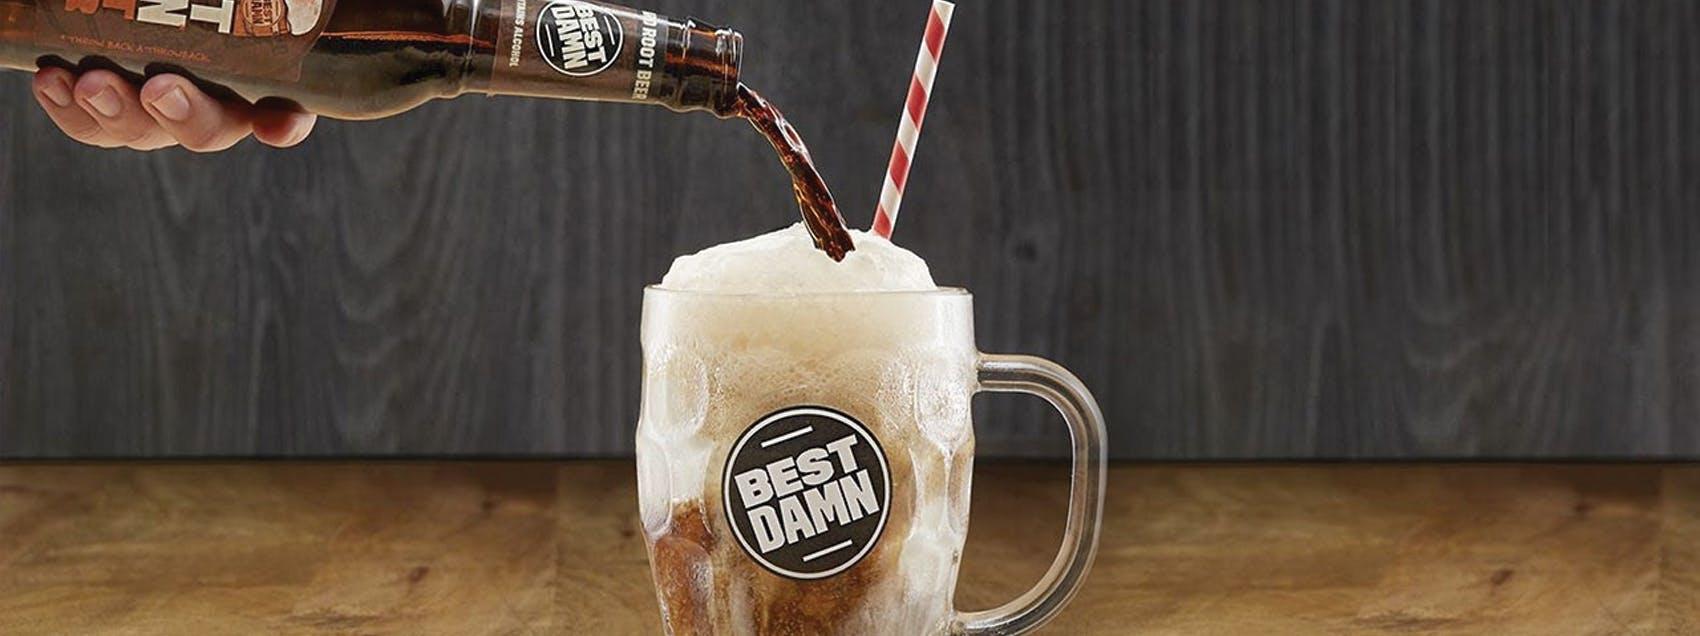 Best Damn Root Beer Float